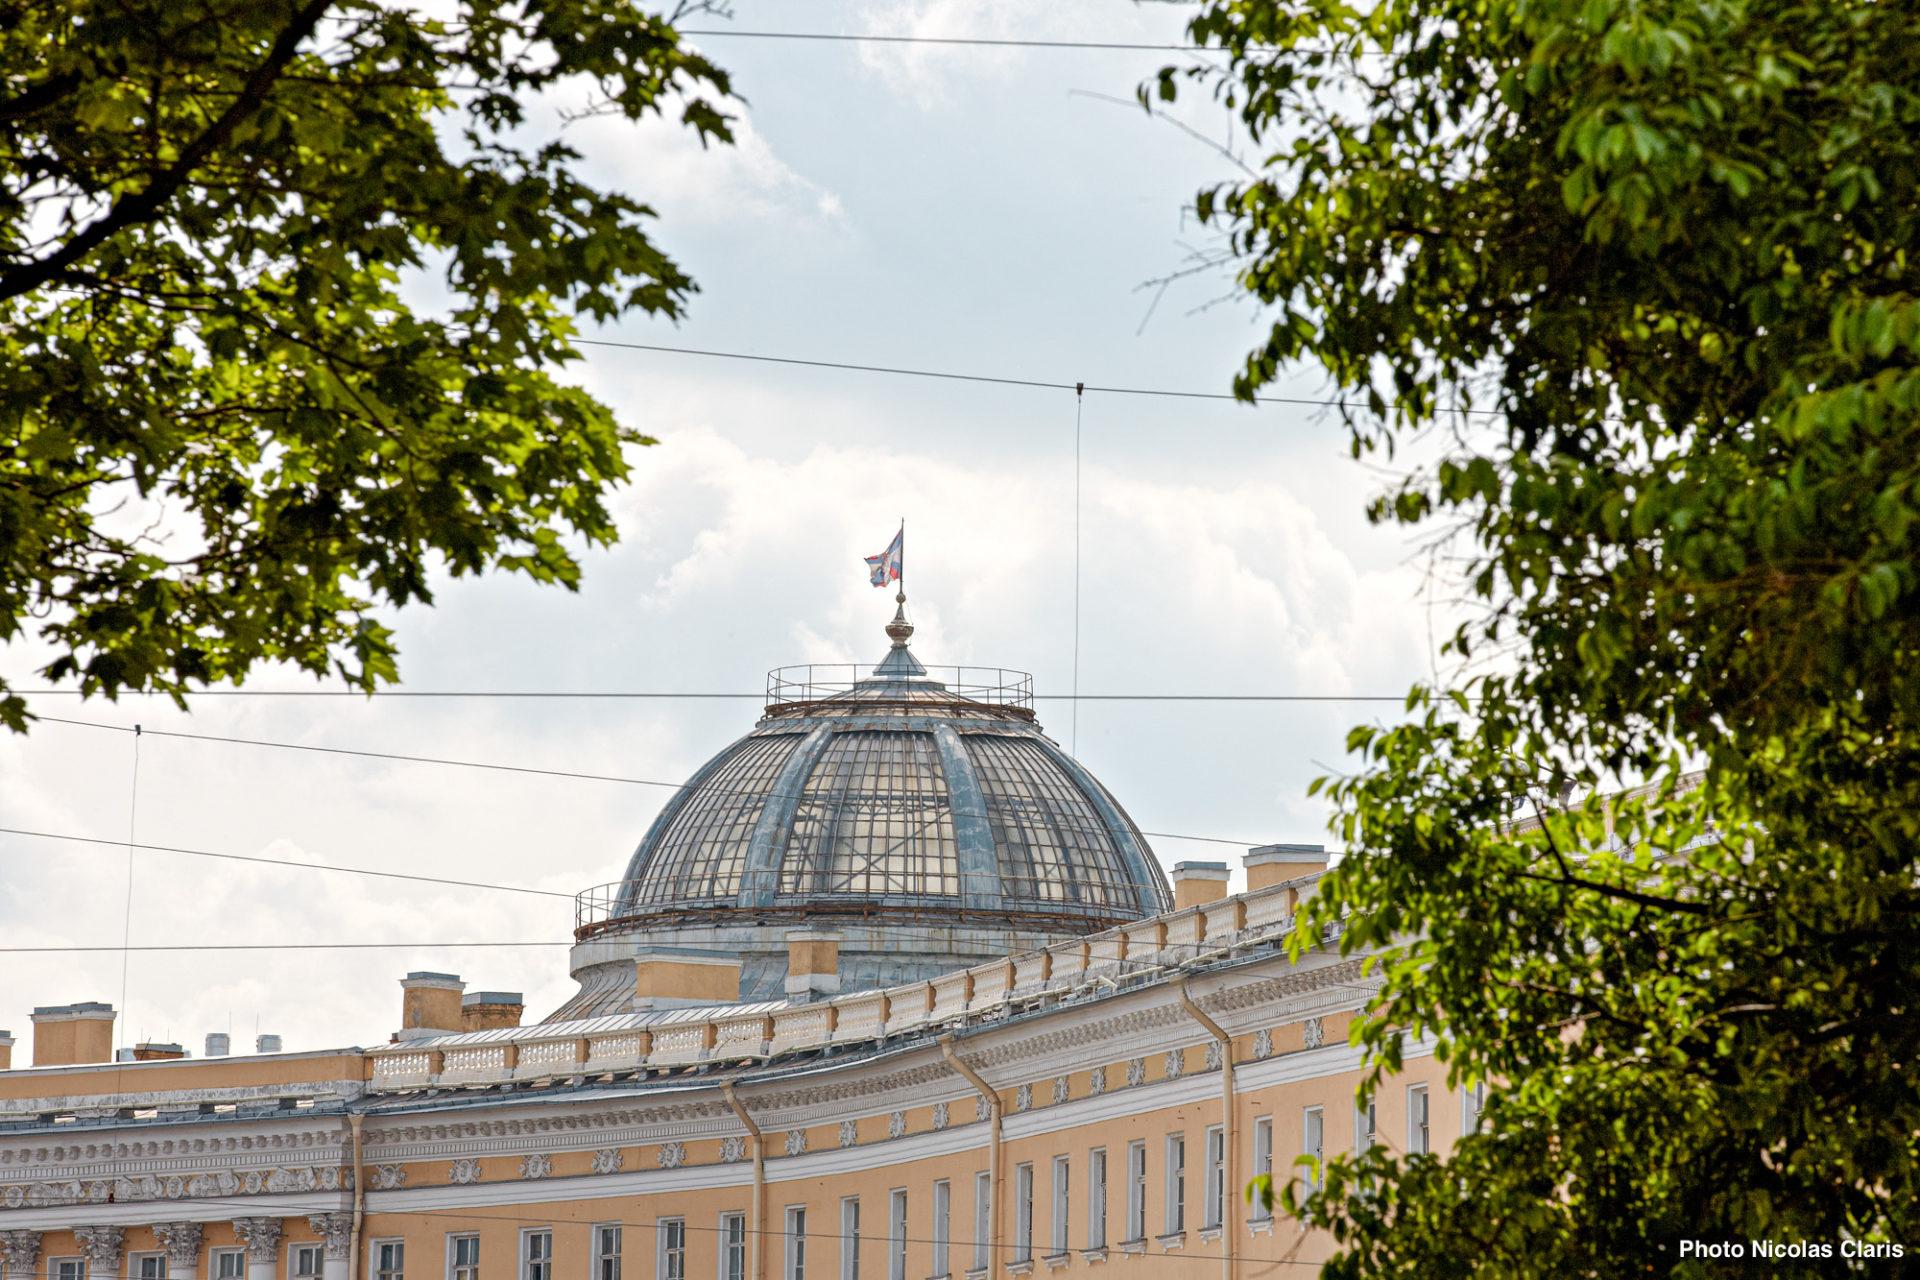 HD_Saint-Petersburg_City_45R9807